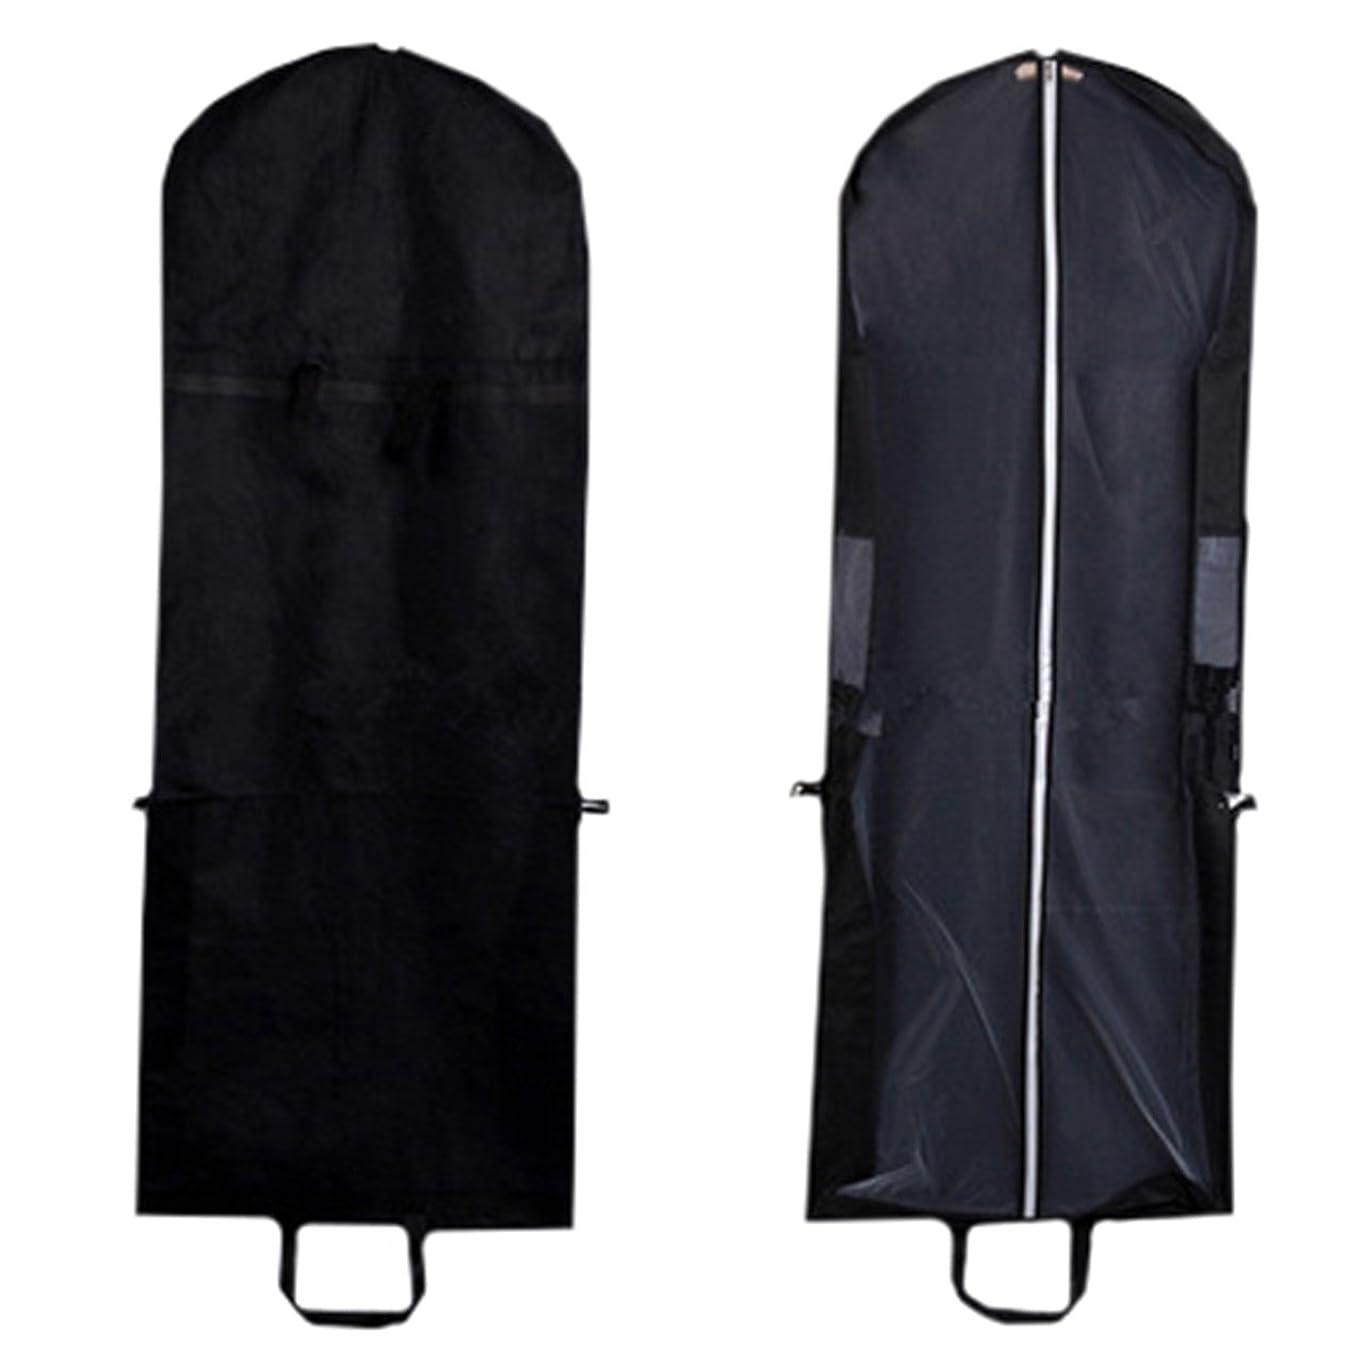 高さプラットフォームアーネストシャクルトンZERONOWA ドレスカバー ロング ロングドレス ウエディングドレス 保管 収納 コロコロ付き (ブラック 3枚)